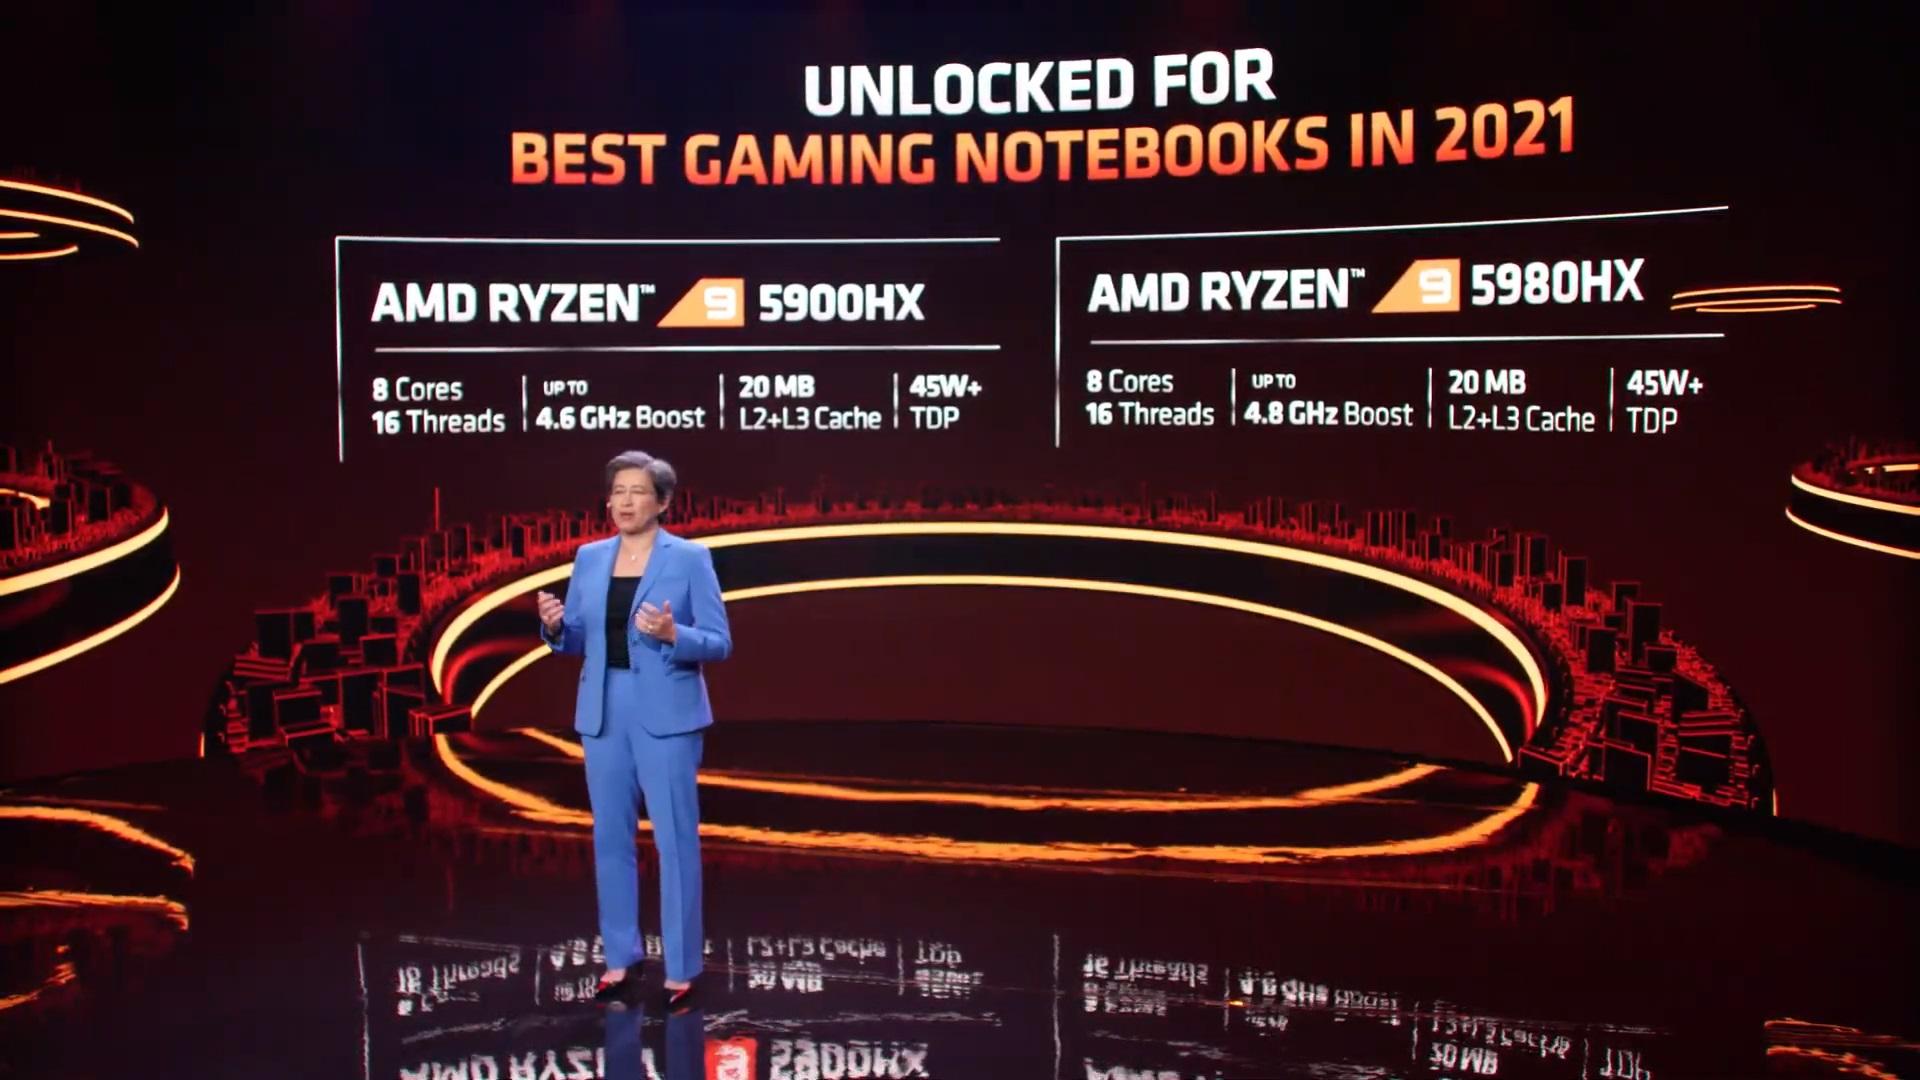 CES 2021: AMD Announces Ryzen 5000 Mobile Processors - Mobile 4